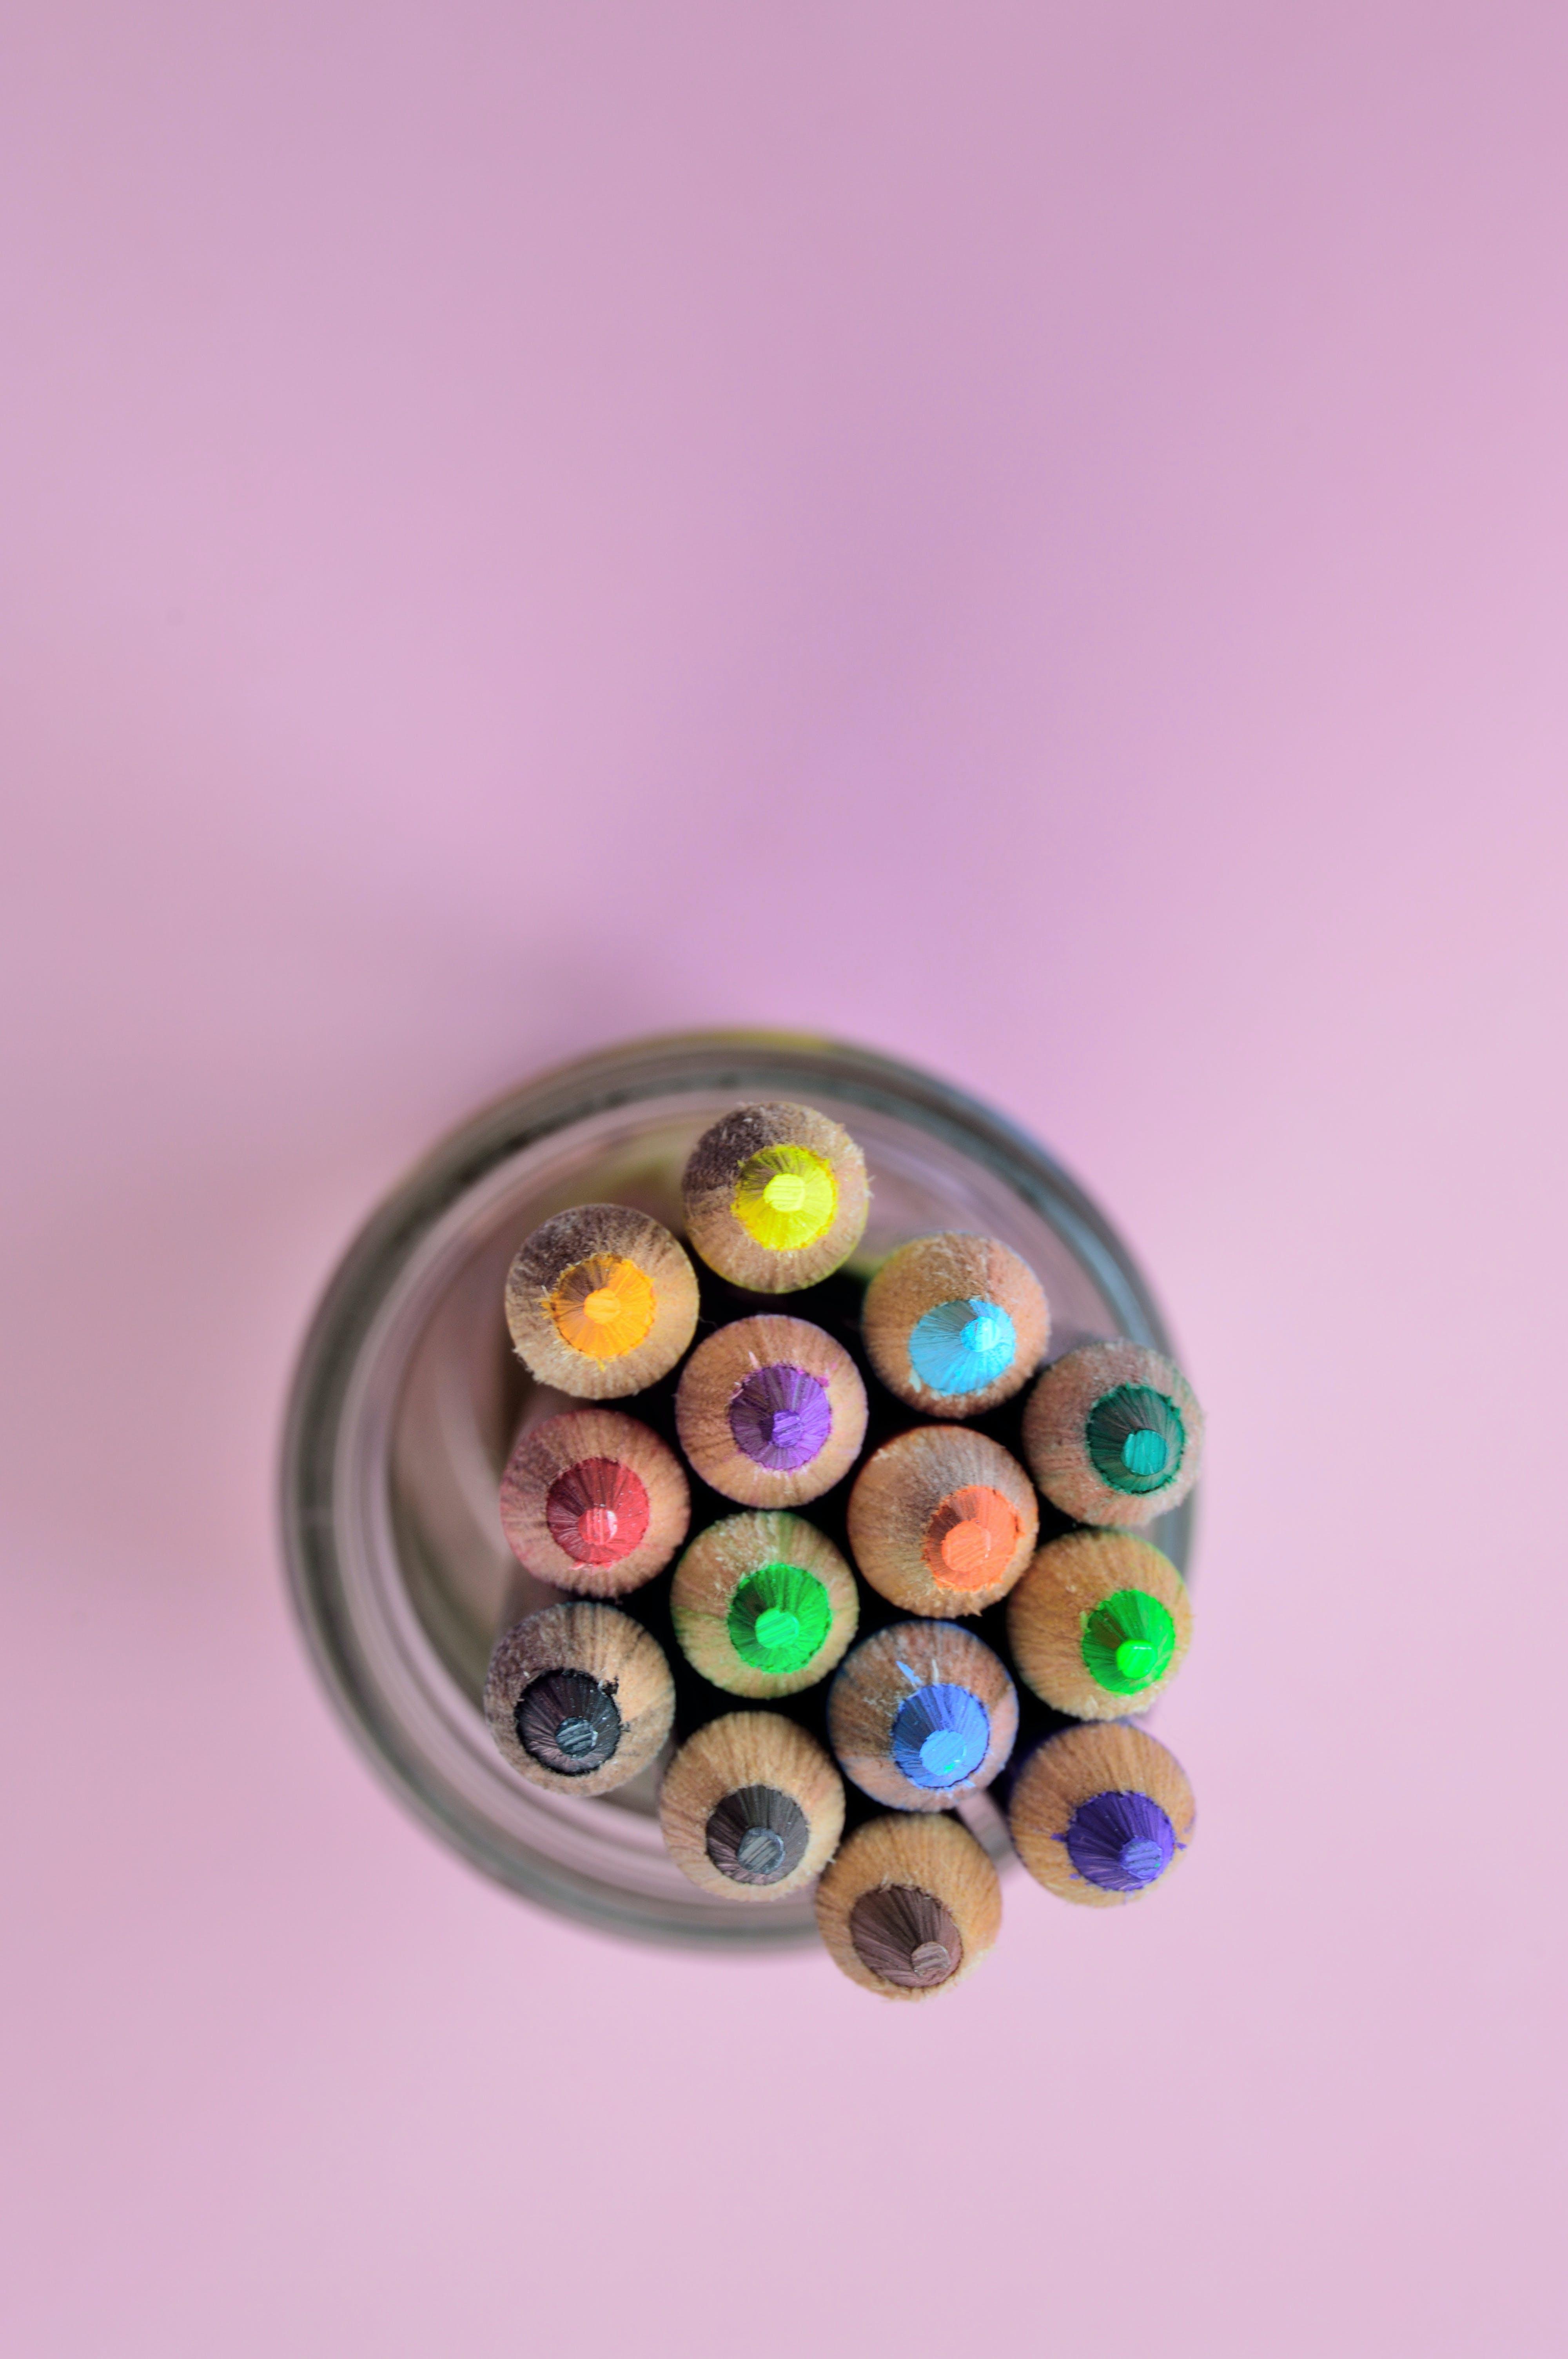 Kostenloses Stock Foto zu bleistift, bleistifte, bunt, farbe